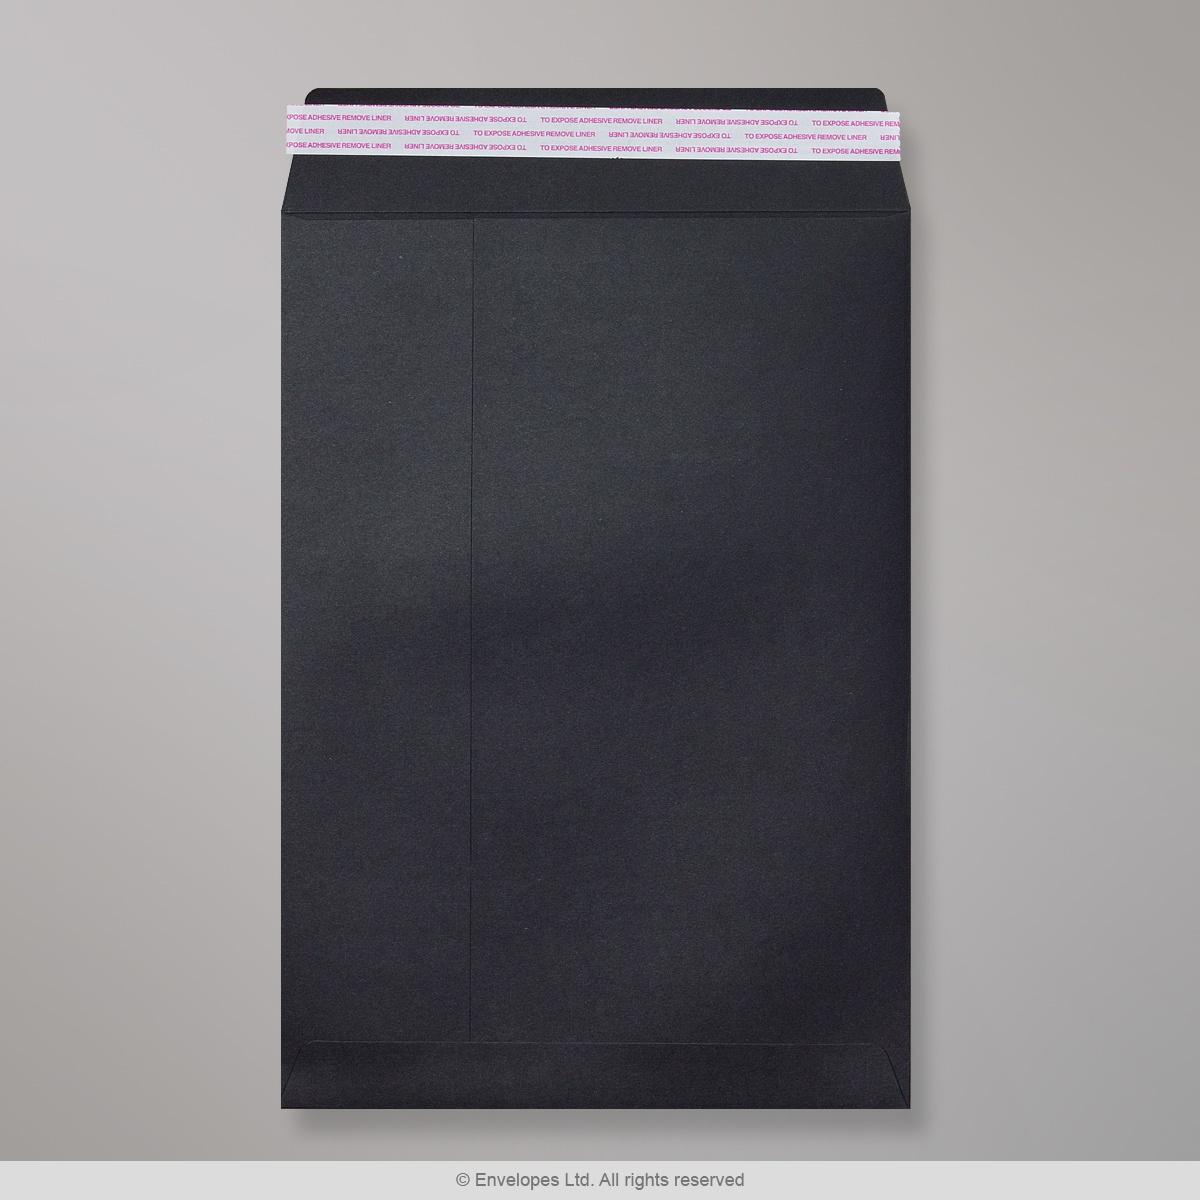 Musta läpällinen kirjekuori 324x229 mm (C4)